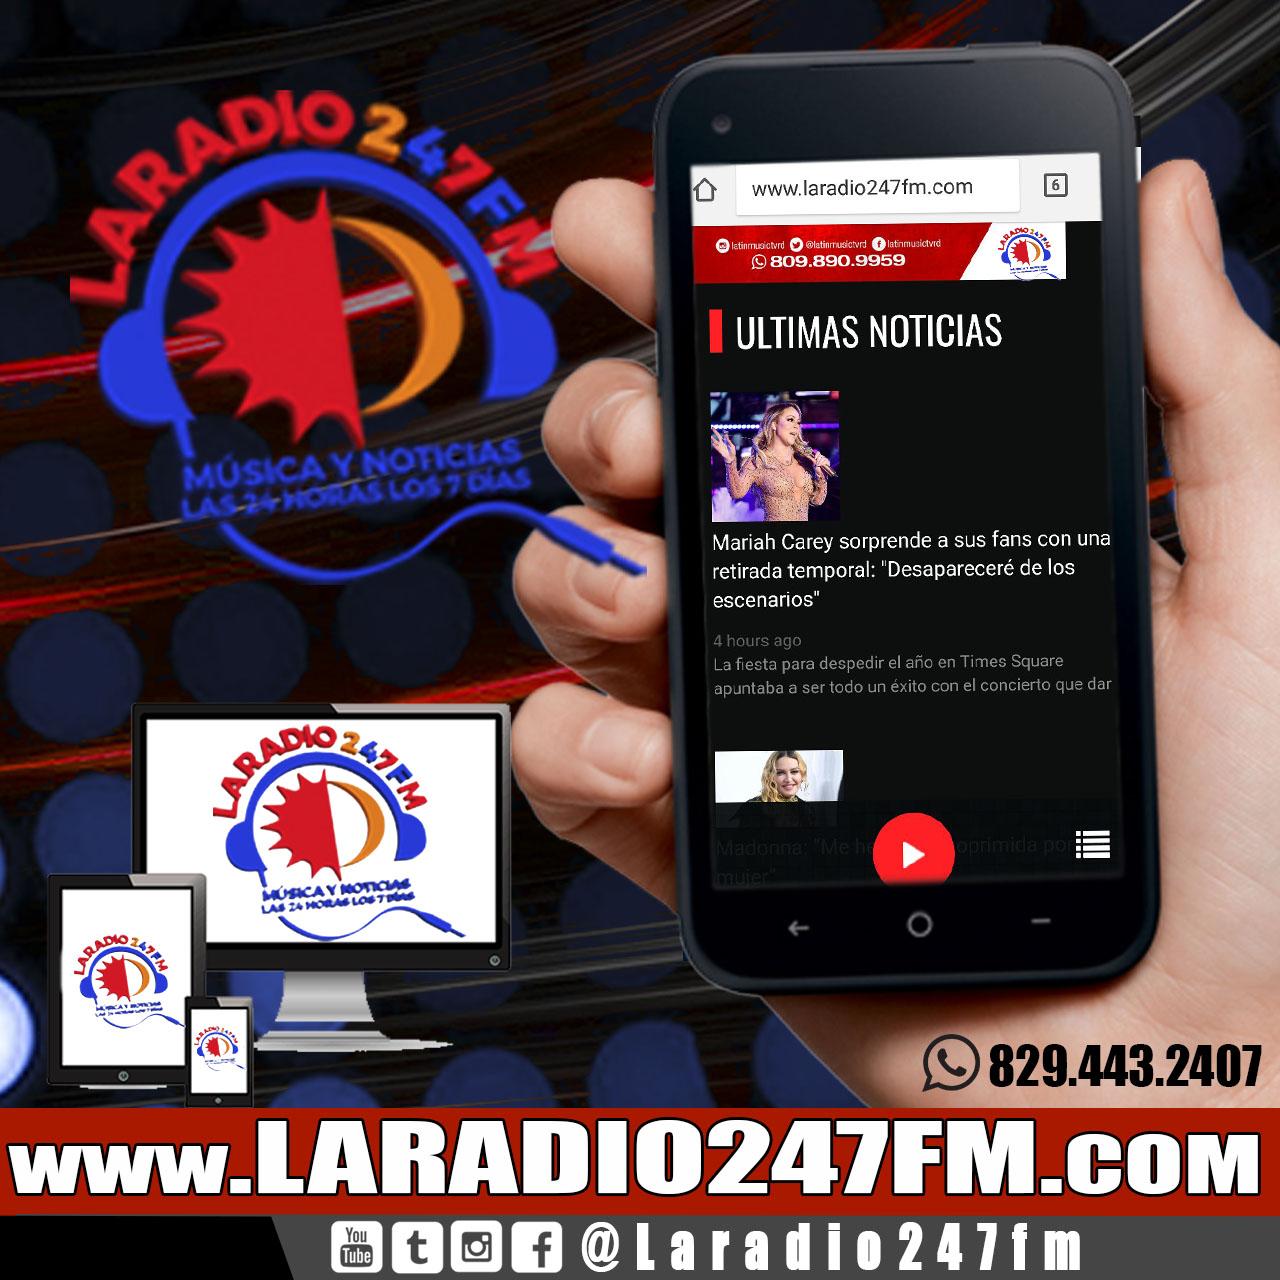 ENTRA WWW.LARADIO247FM.COM TU EMISORA  PARA Q ESCUCHES LA MEJOR PROGRAMACION TROPICAL URBANA